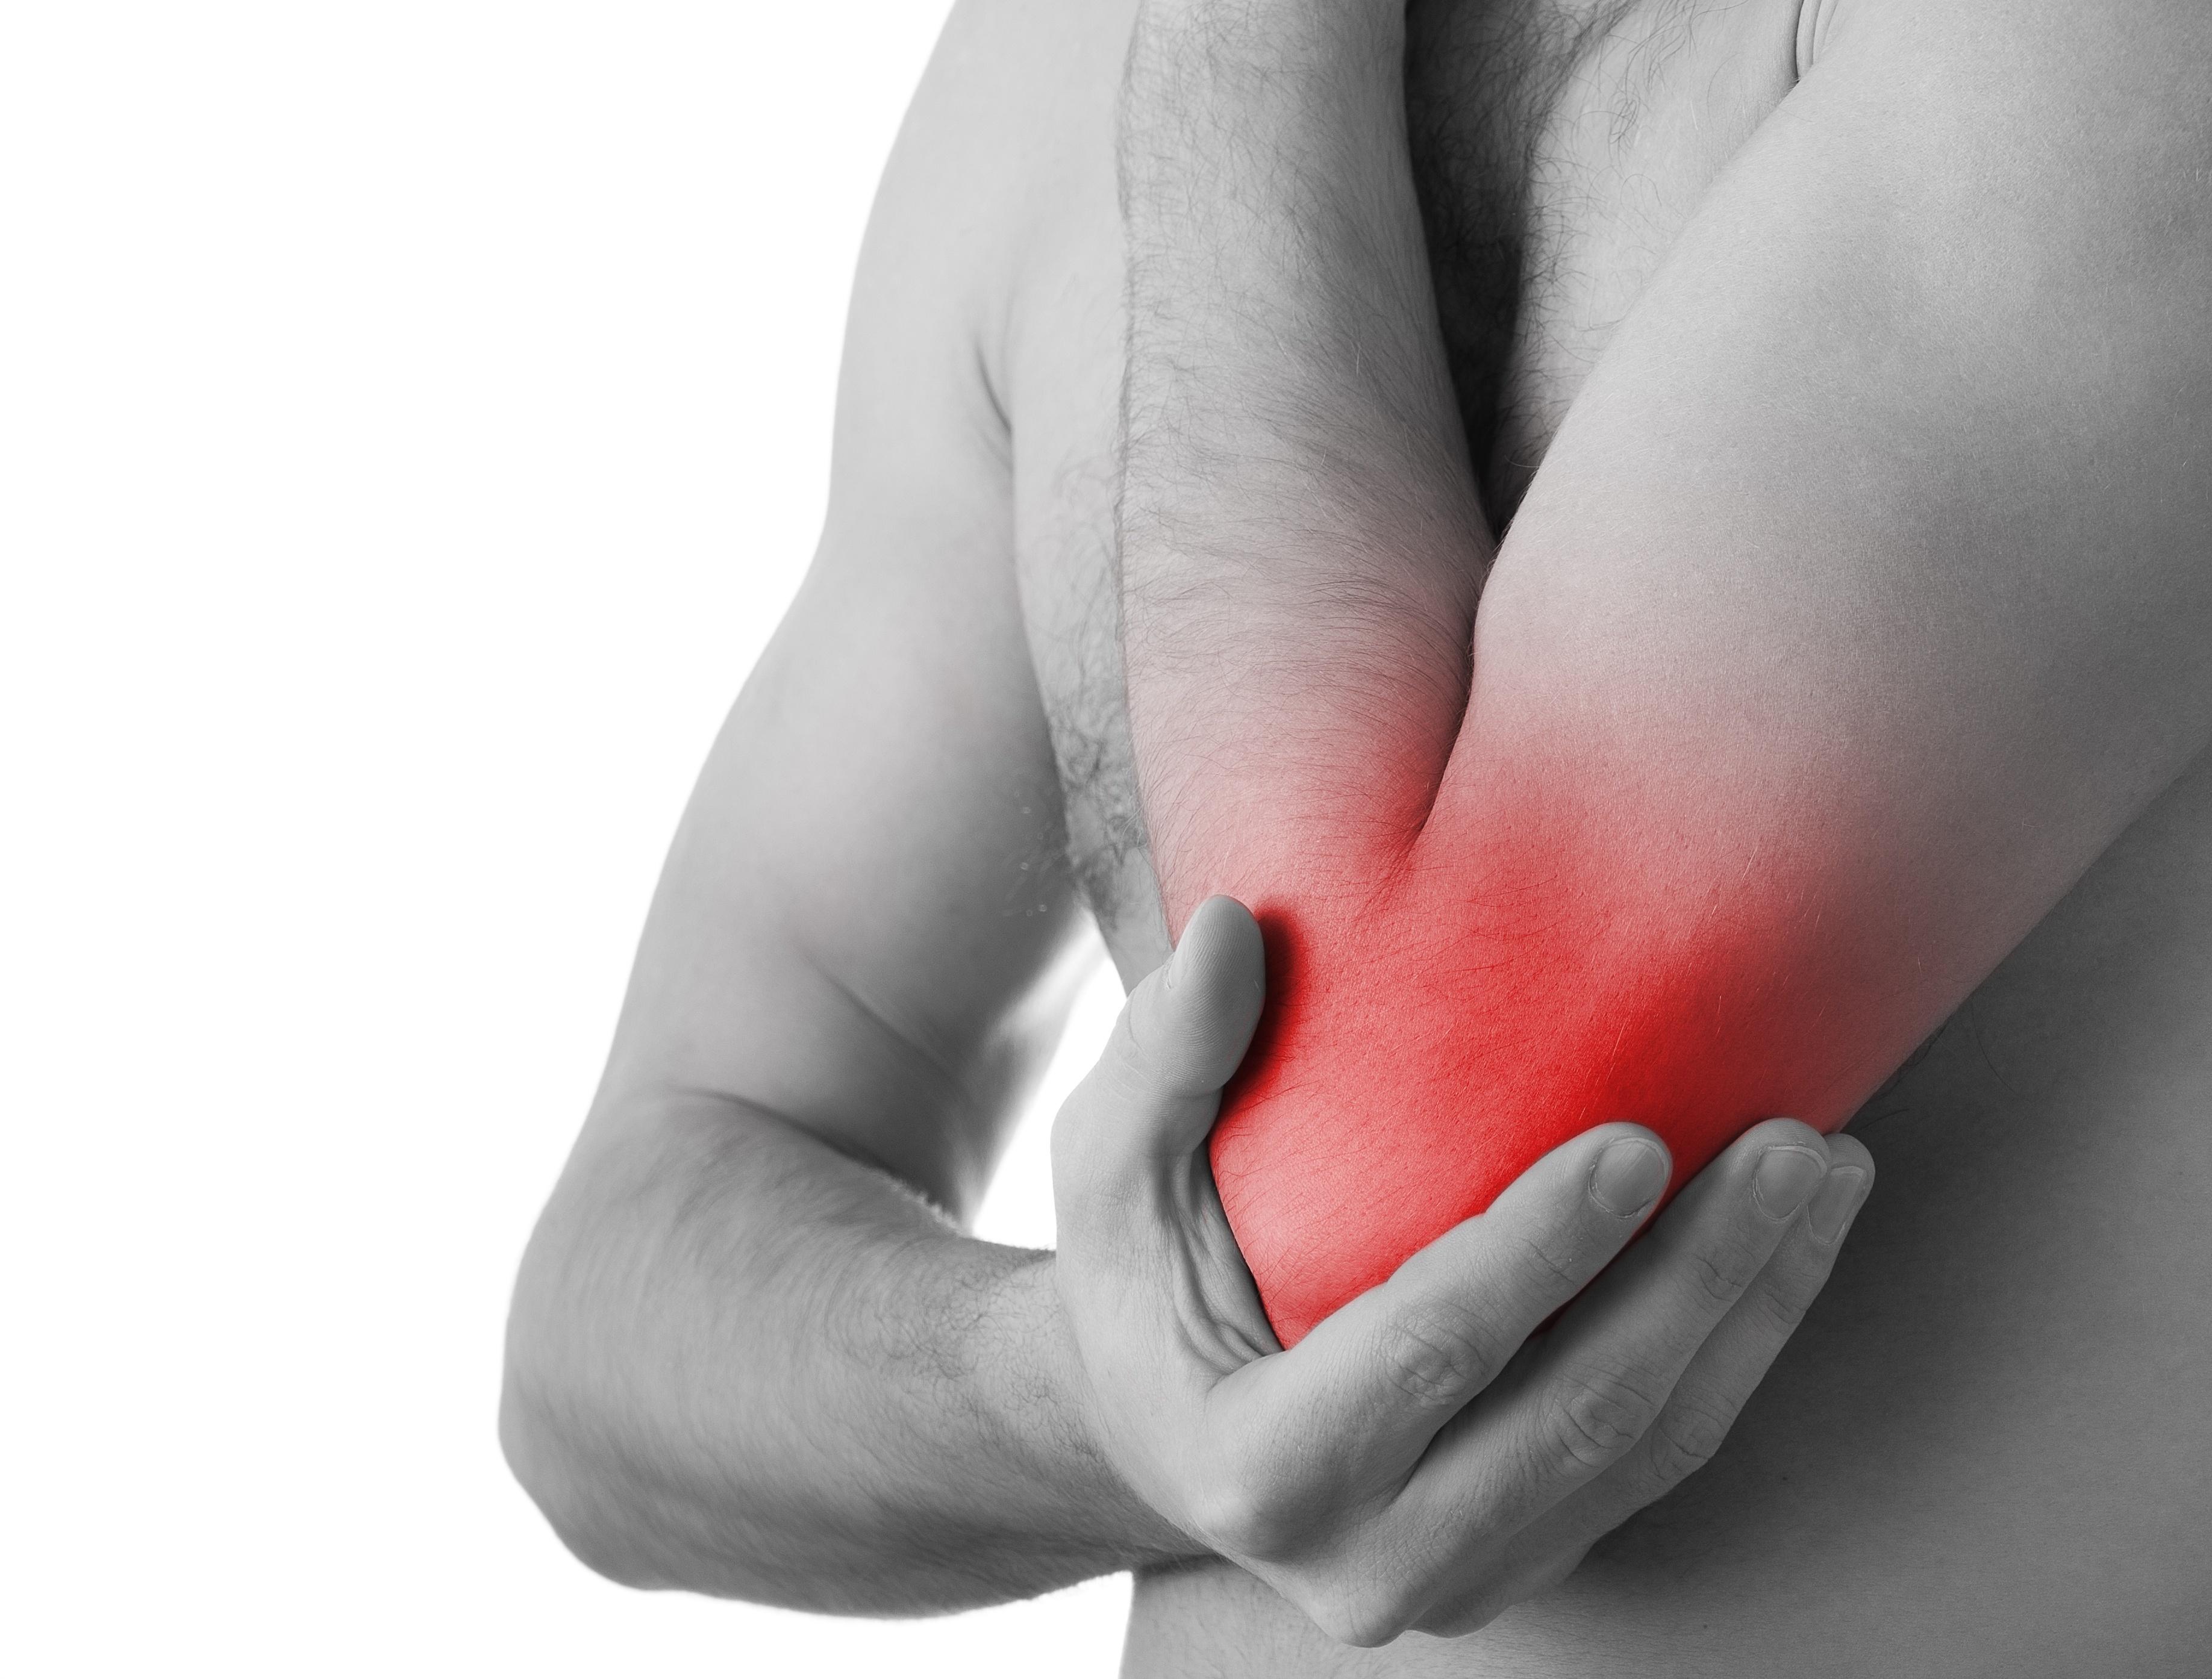 az artrózis tünetei és kezelése)